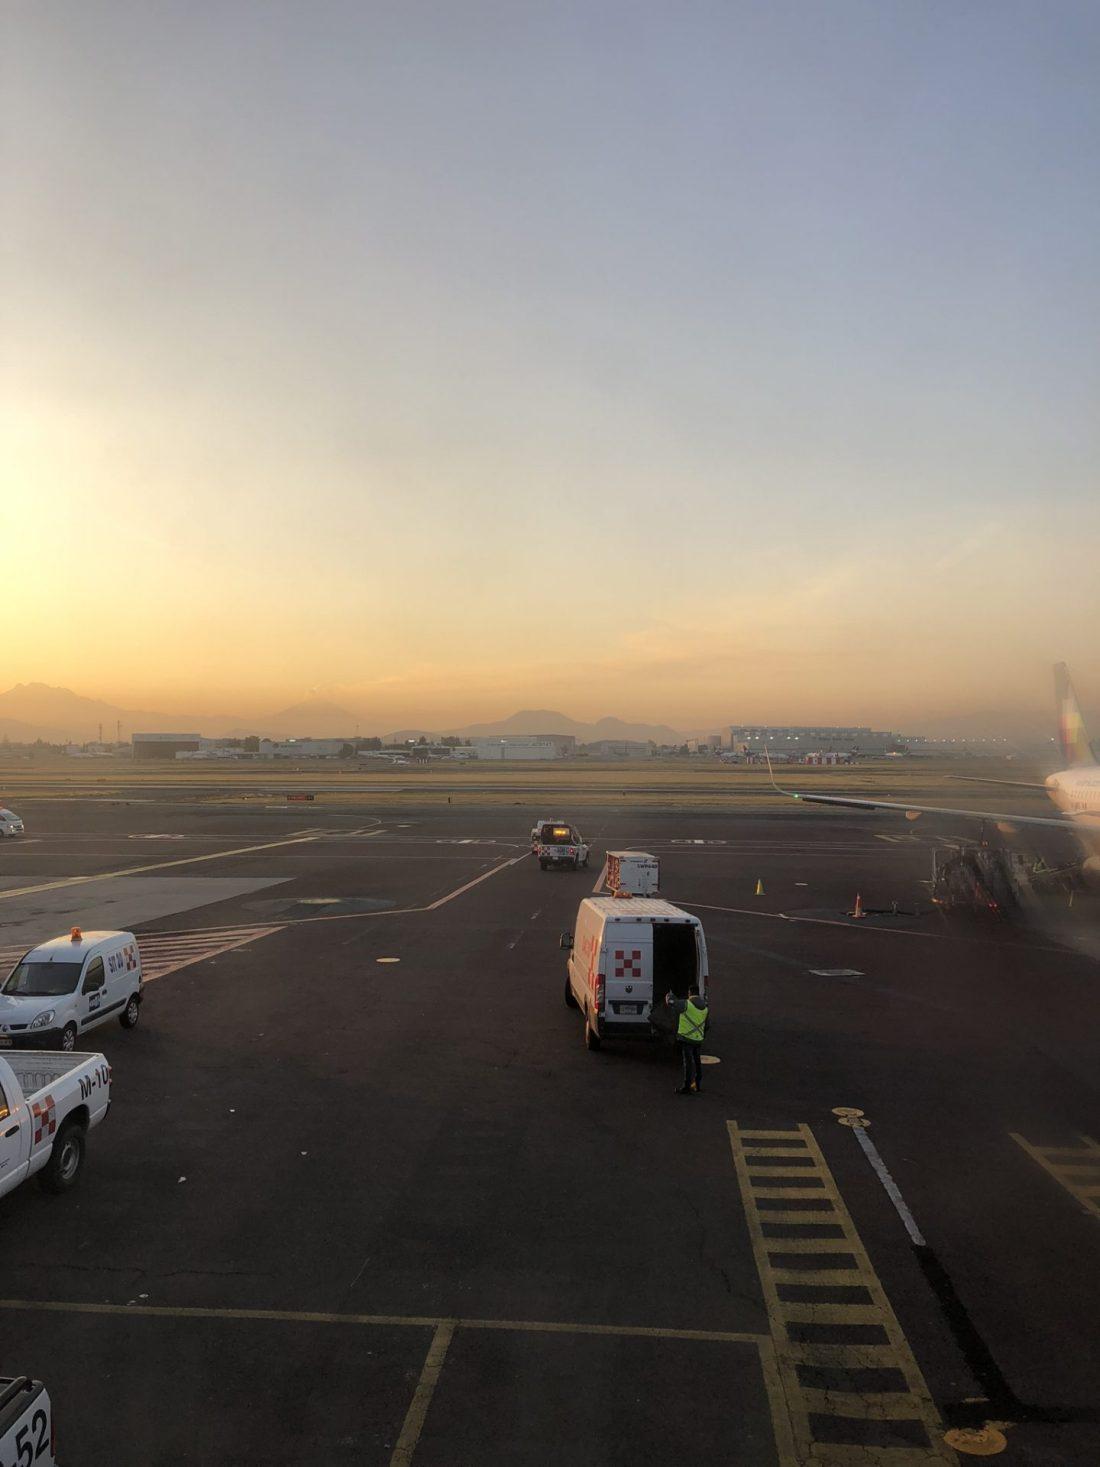 Dawn in Mexico City